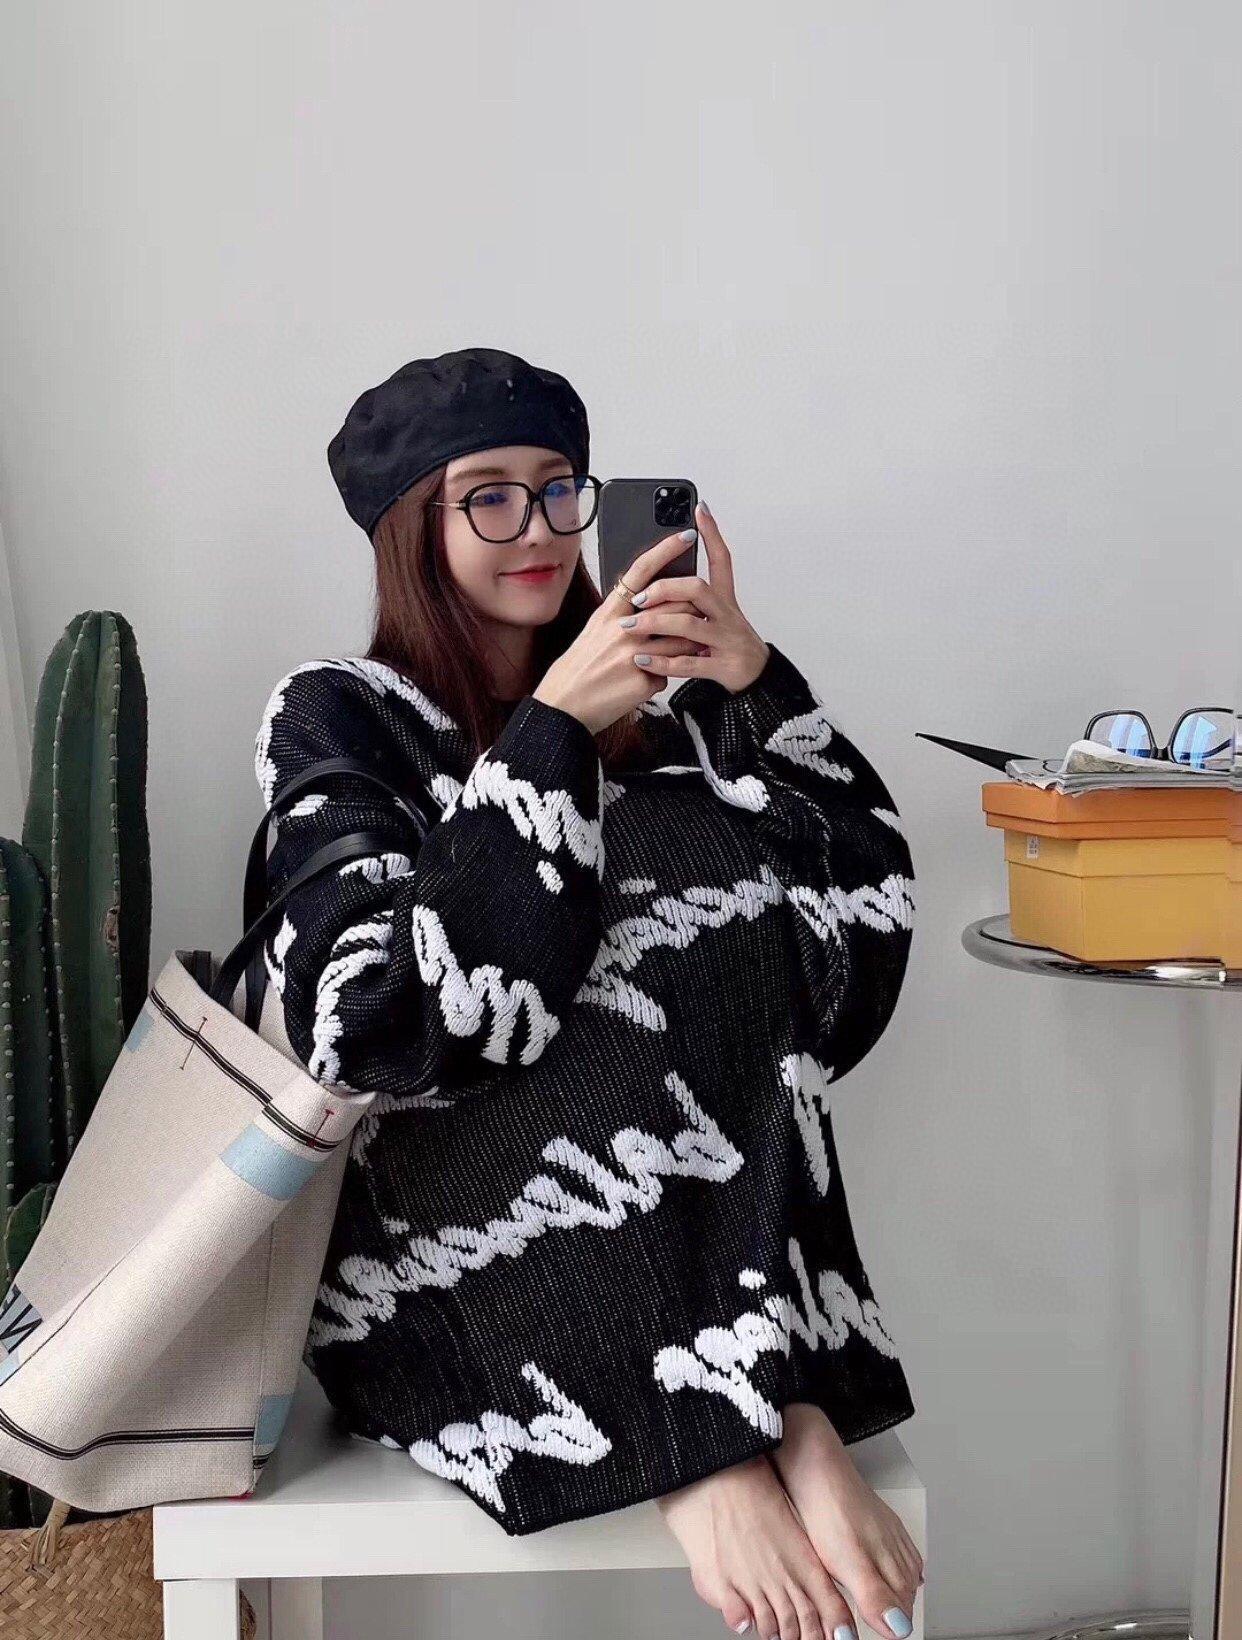 унисекса зима мужские свитера дизайнеров импортирован материал хлопок комфорт warmth3D граффити заграждение полушерстяные ткани трикотажного зимний свитер